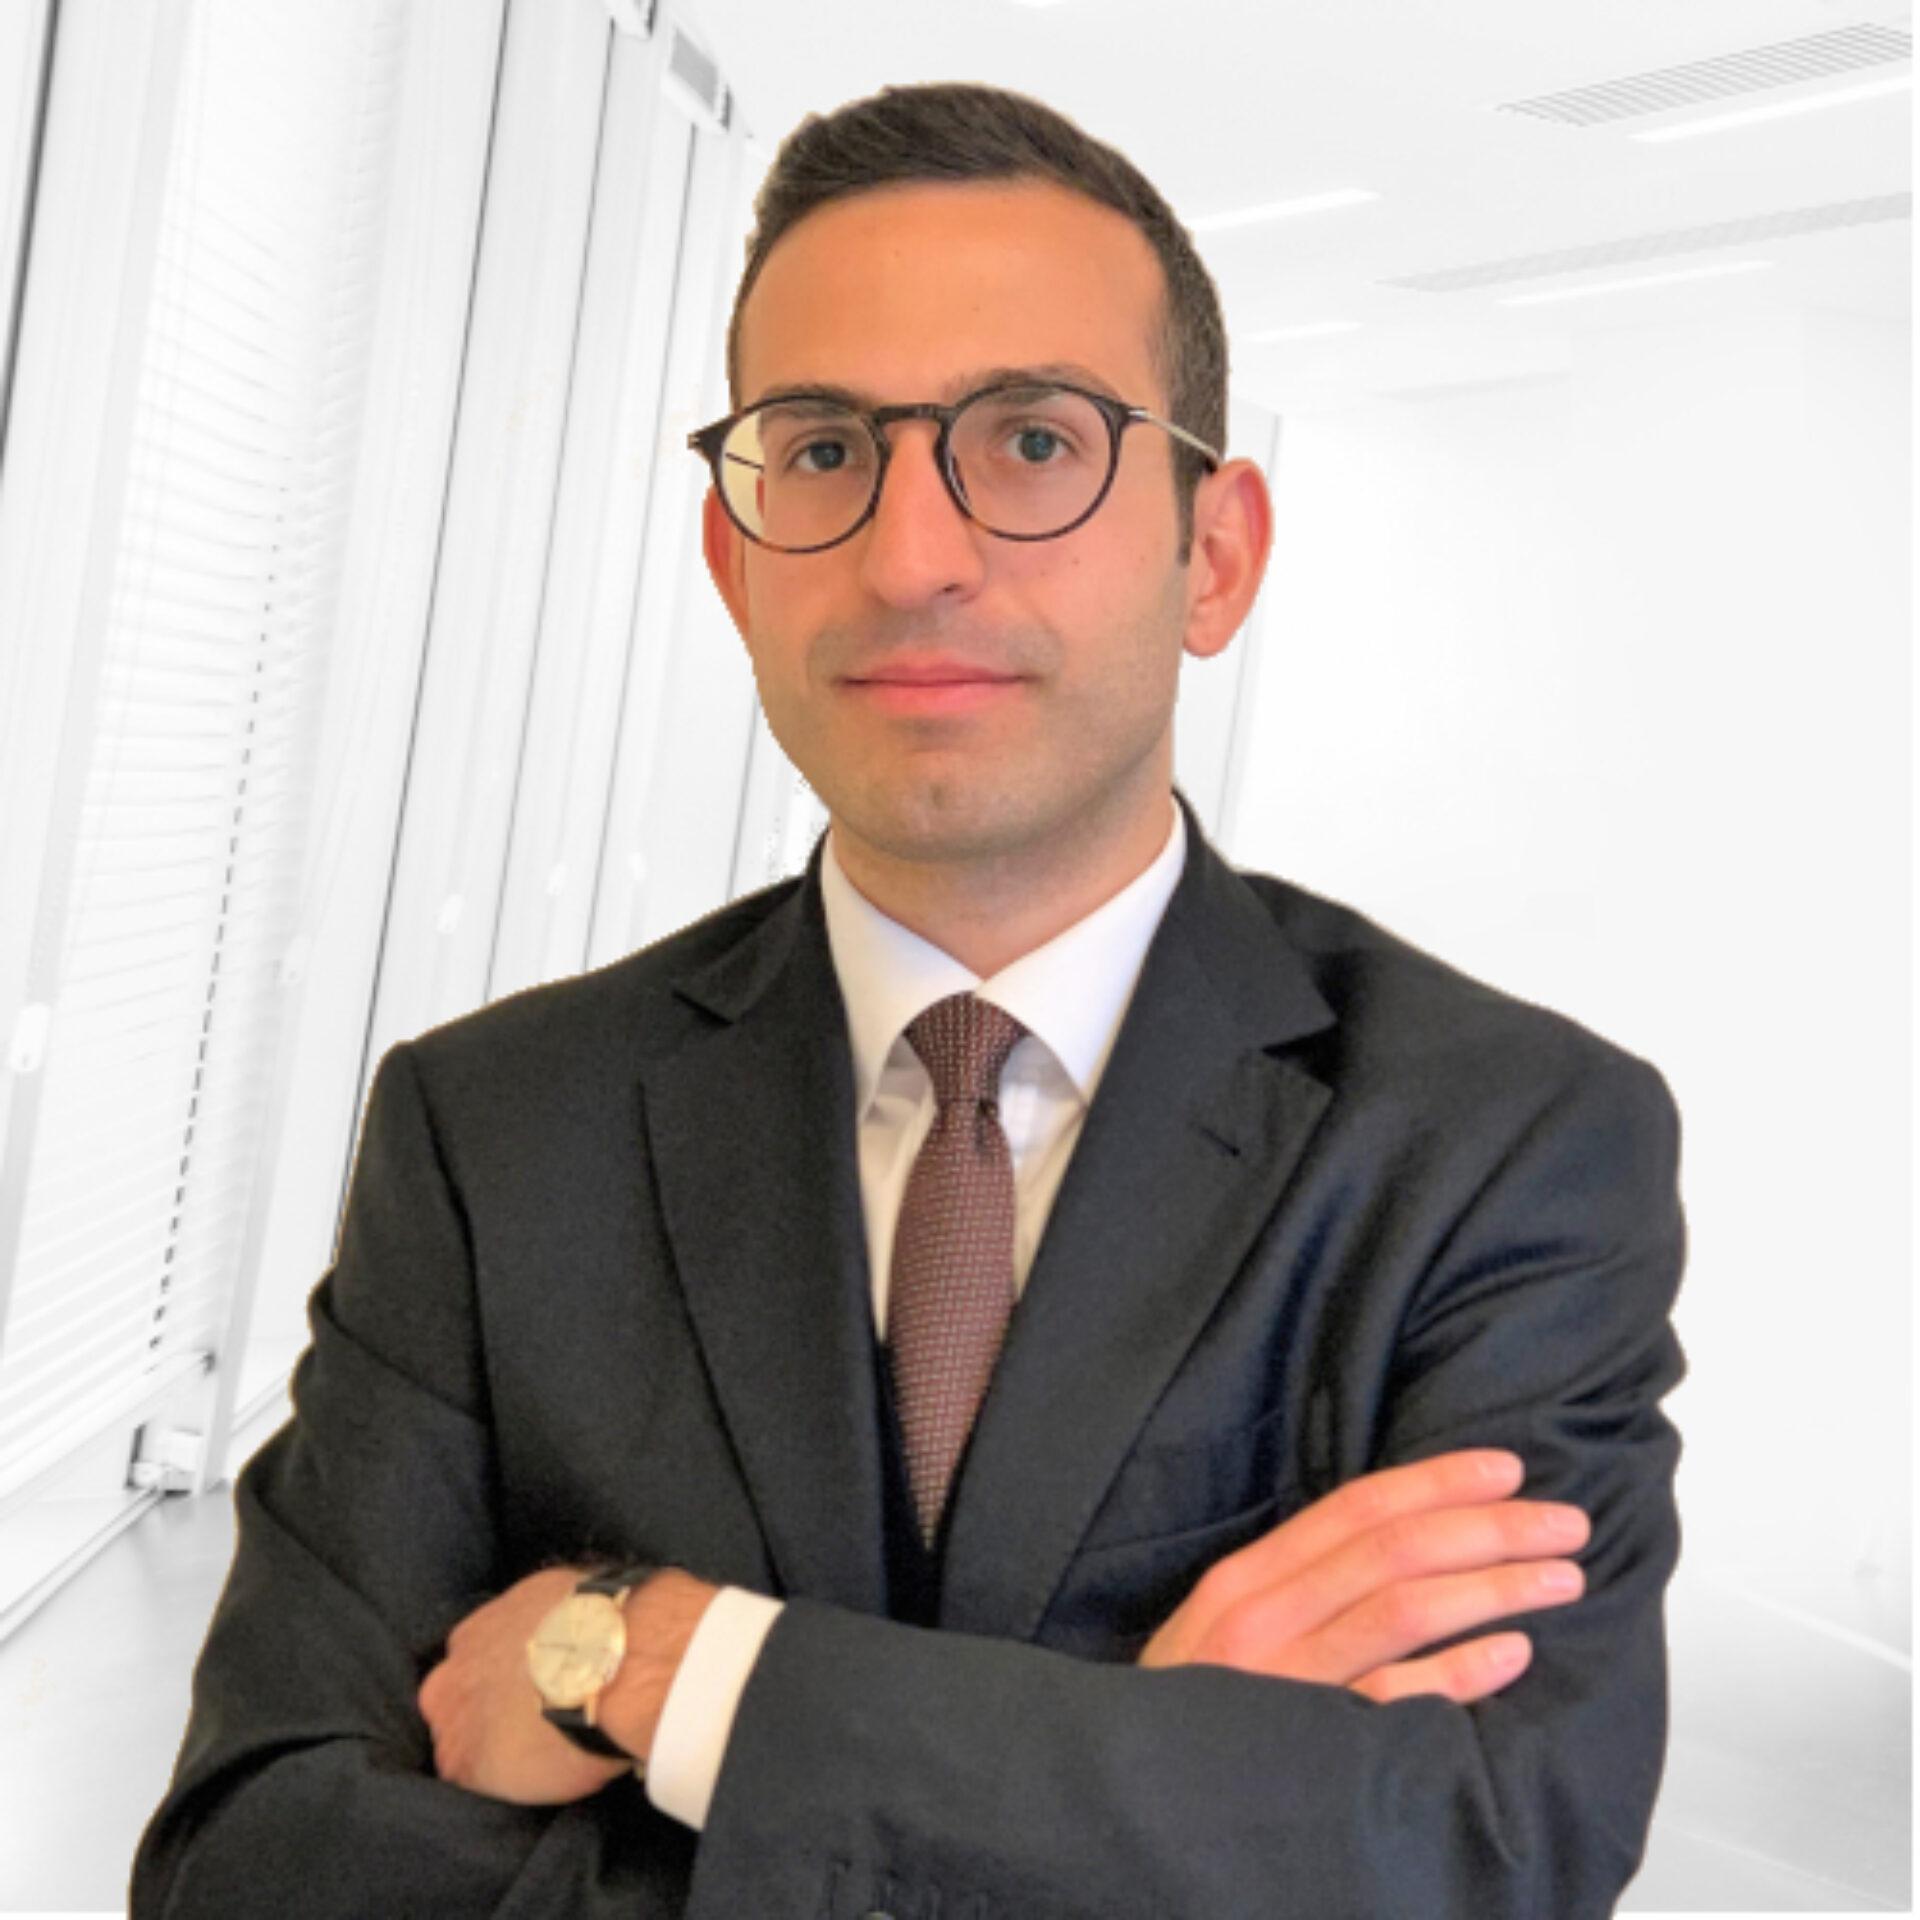 Photo of Francesco Pacioselli